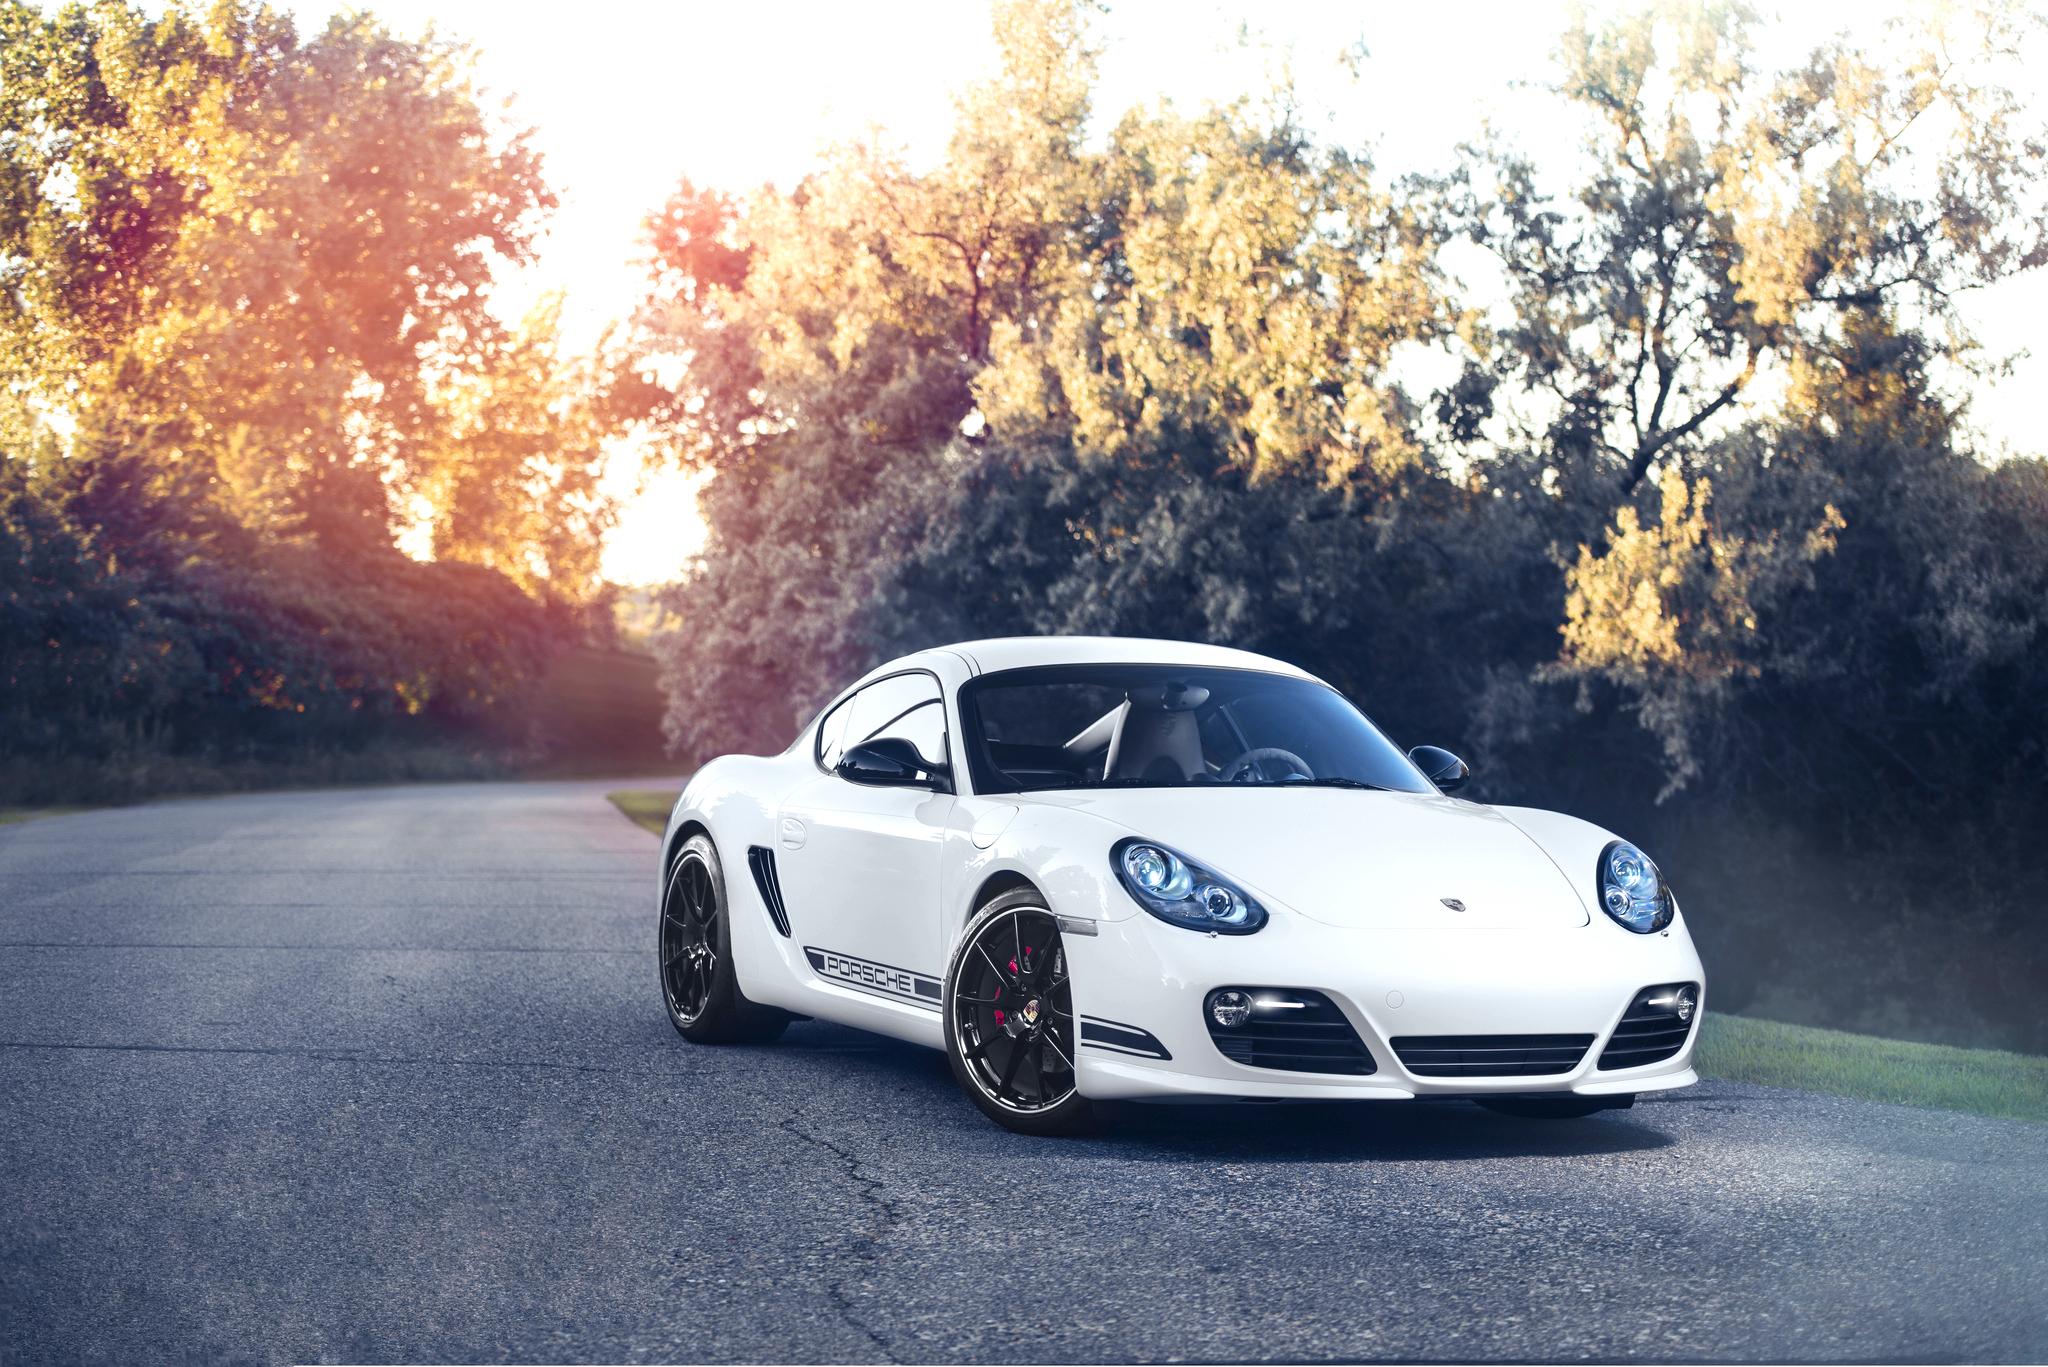 белый автомобиль спортивный porshe  № 637749 бесплатно